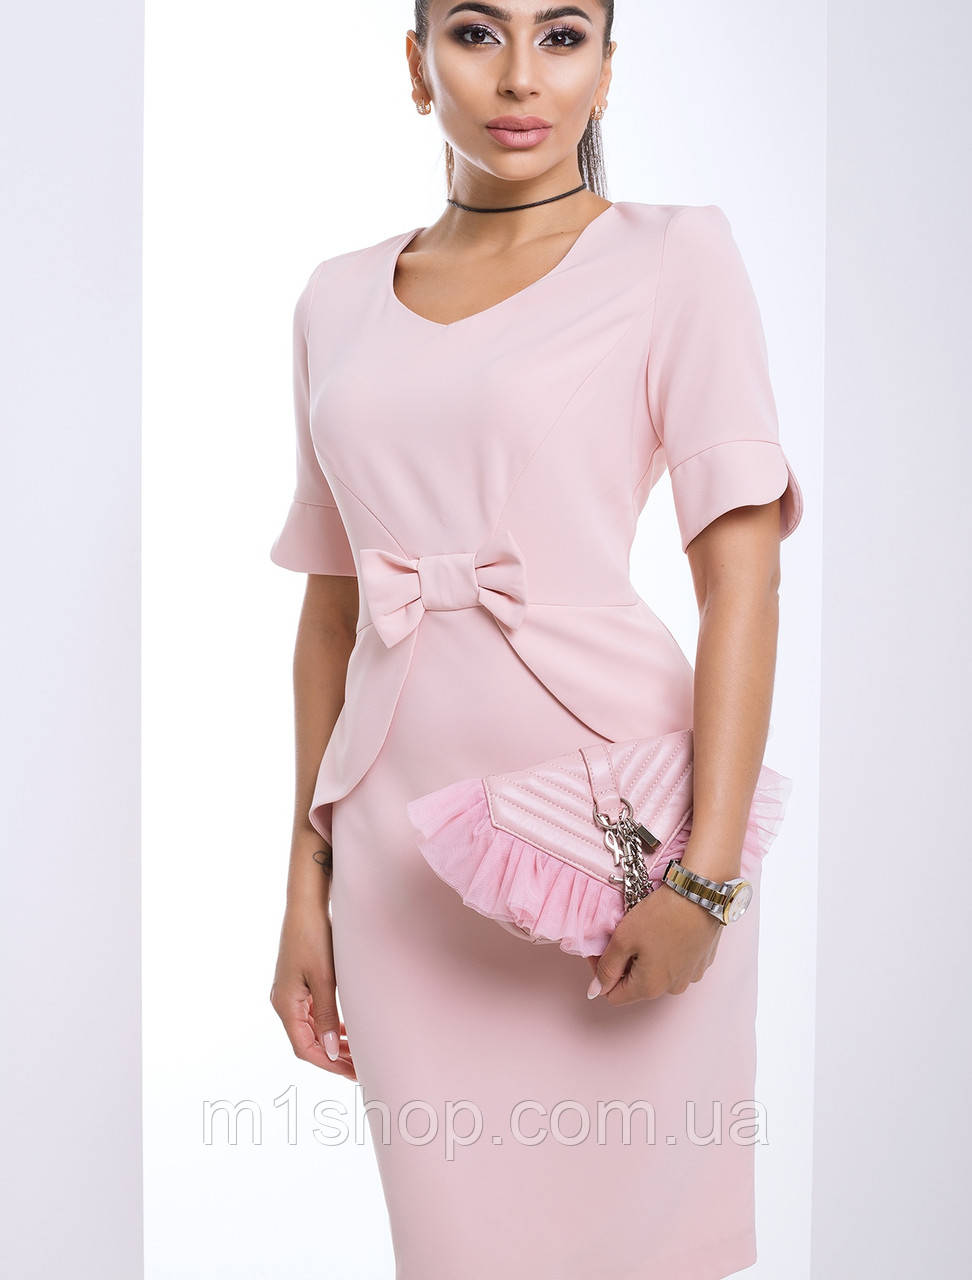 Элегантное платье с бантом спереди (Регина lzn)